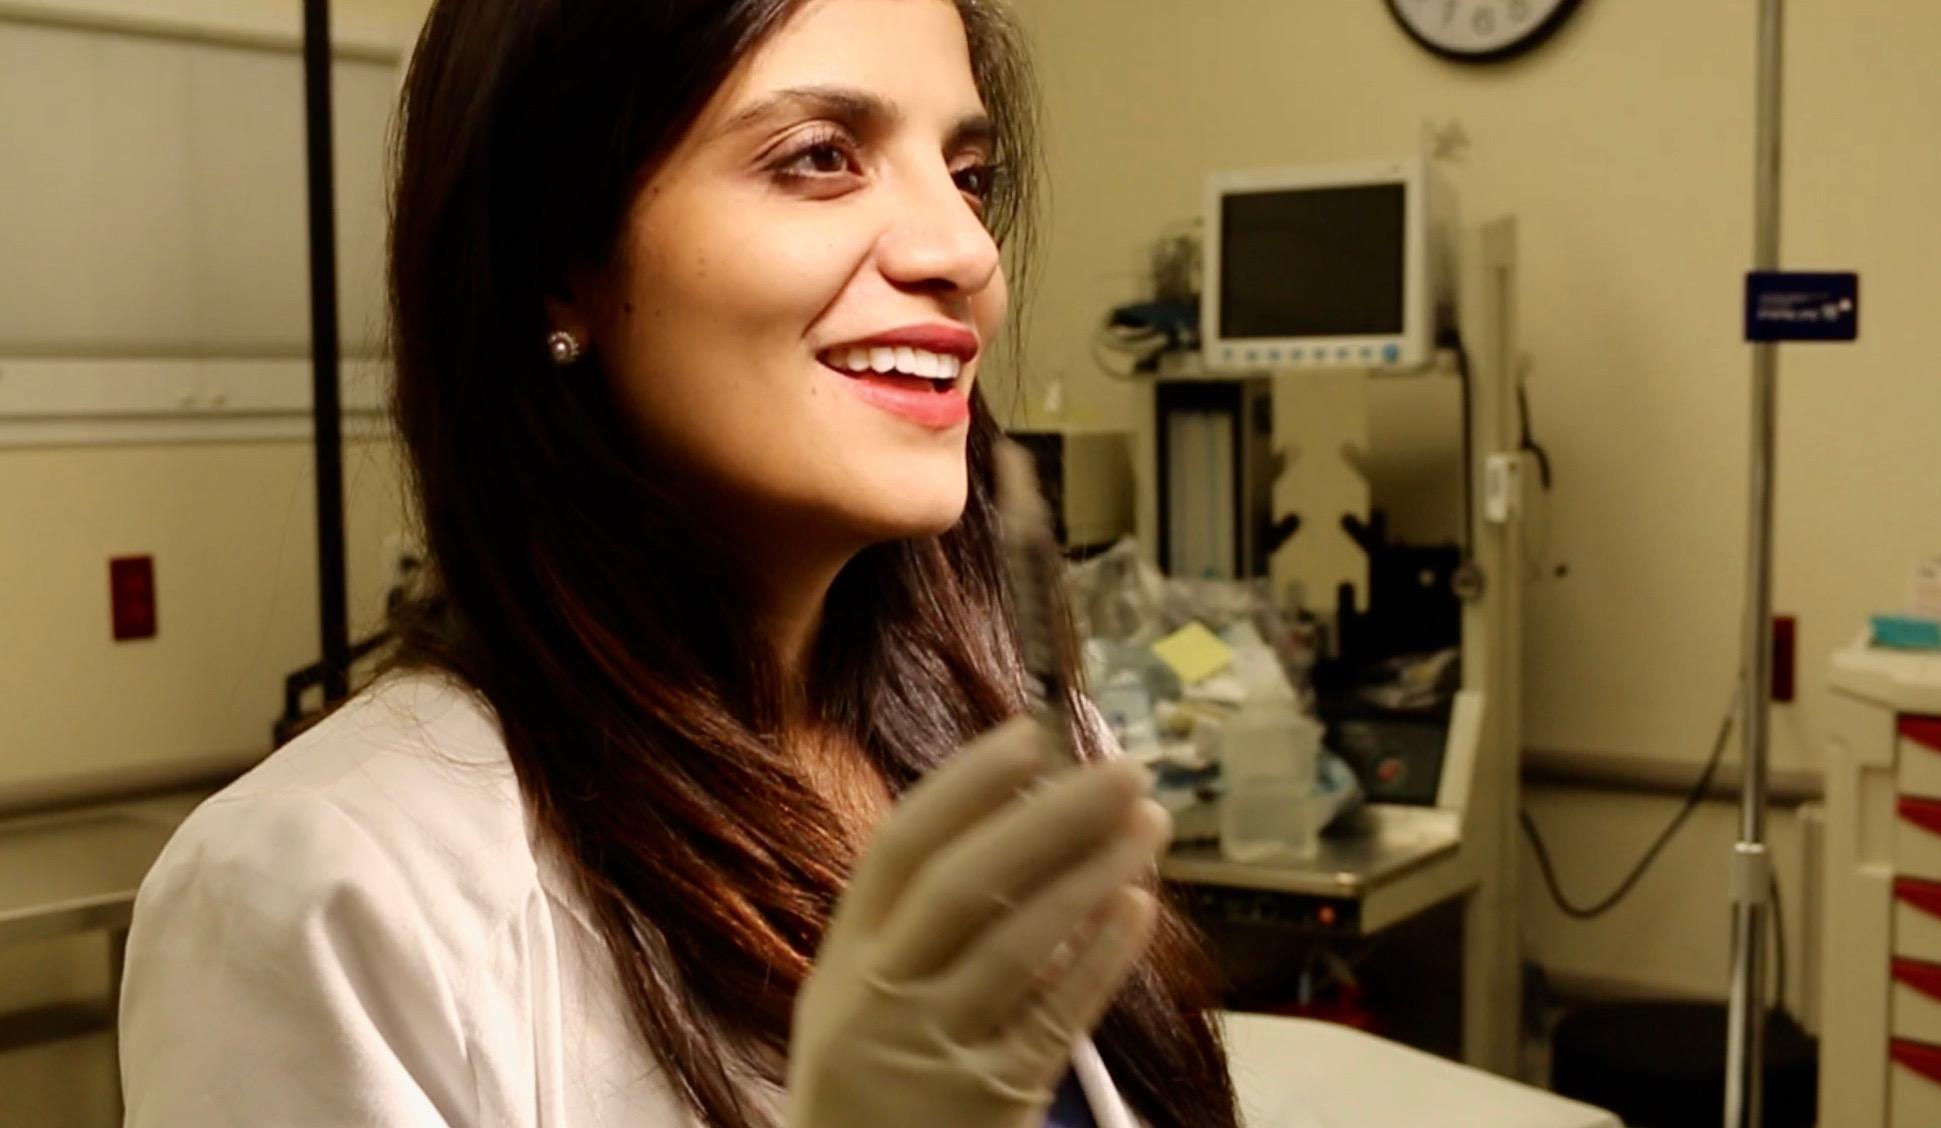 Dr. Devgan in her private practice in New York City